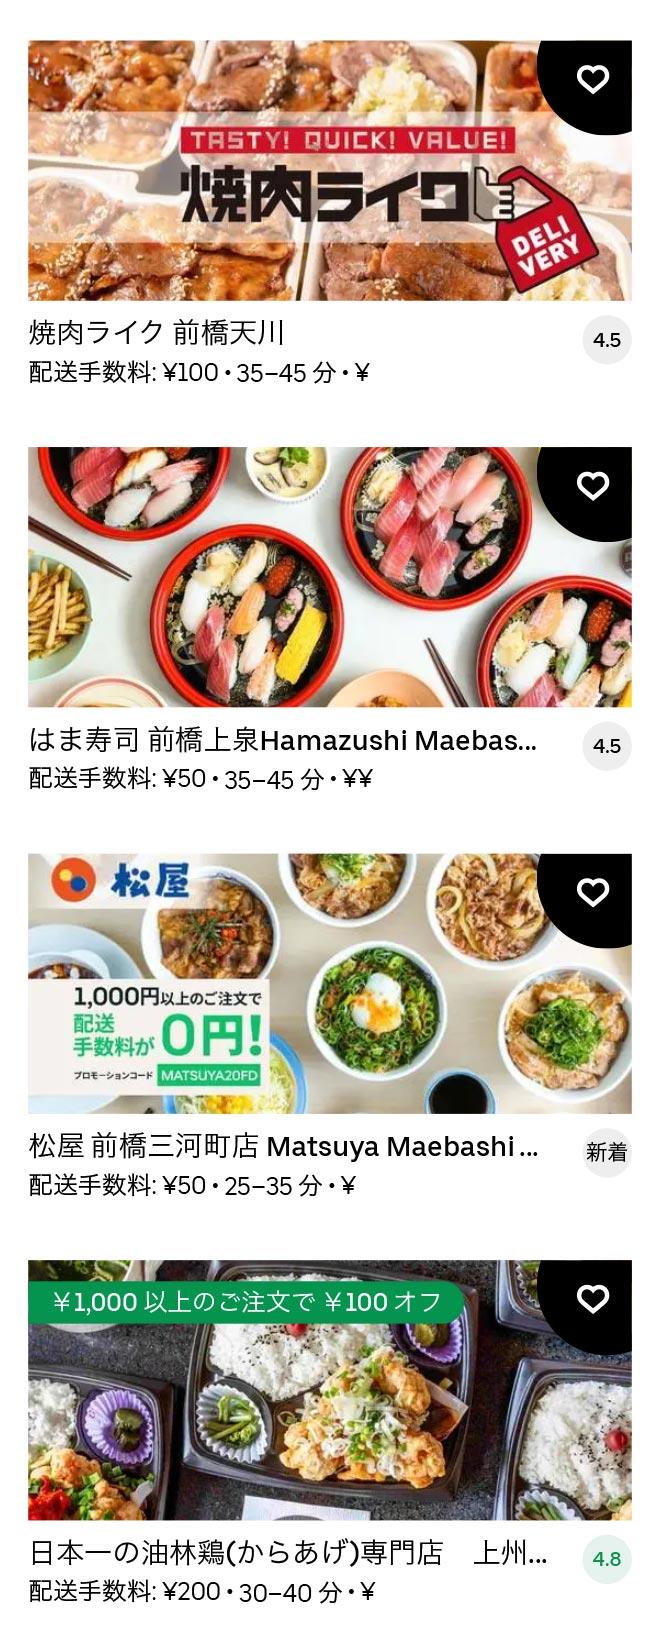 Chuo maebashi menu 2012 07